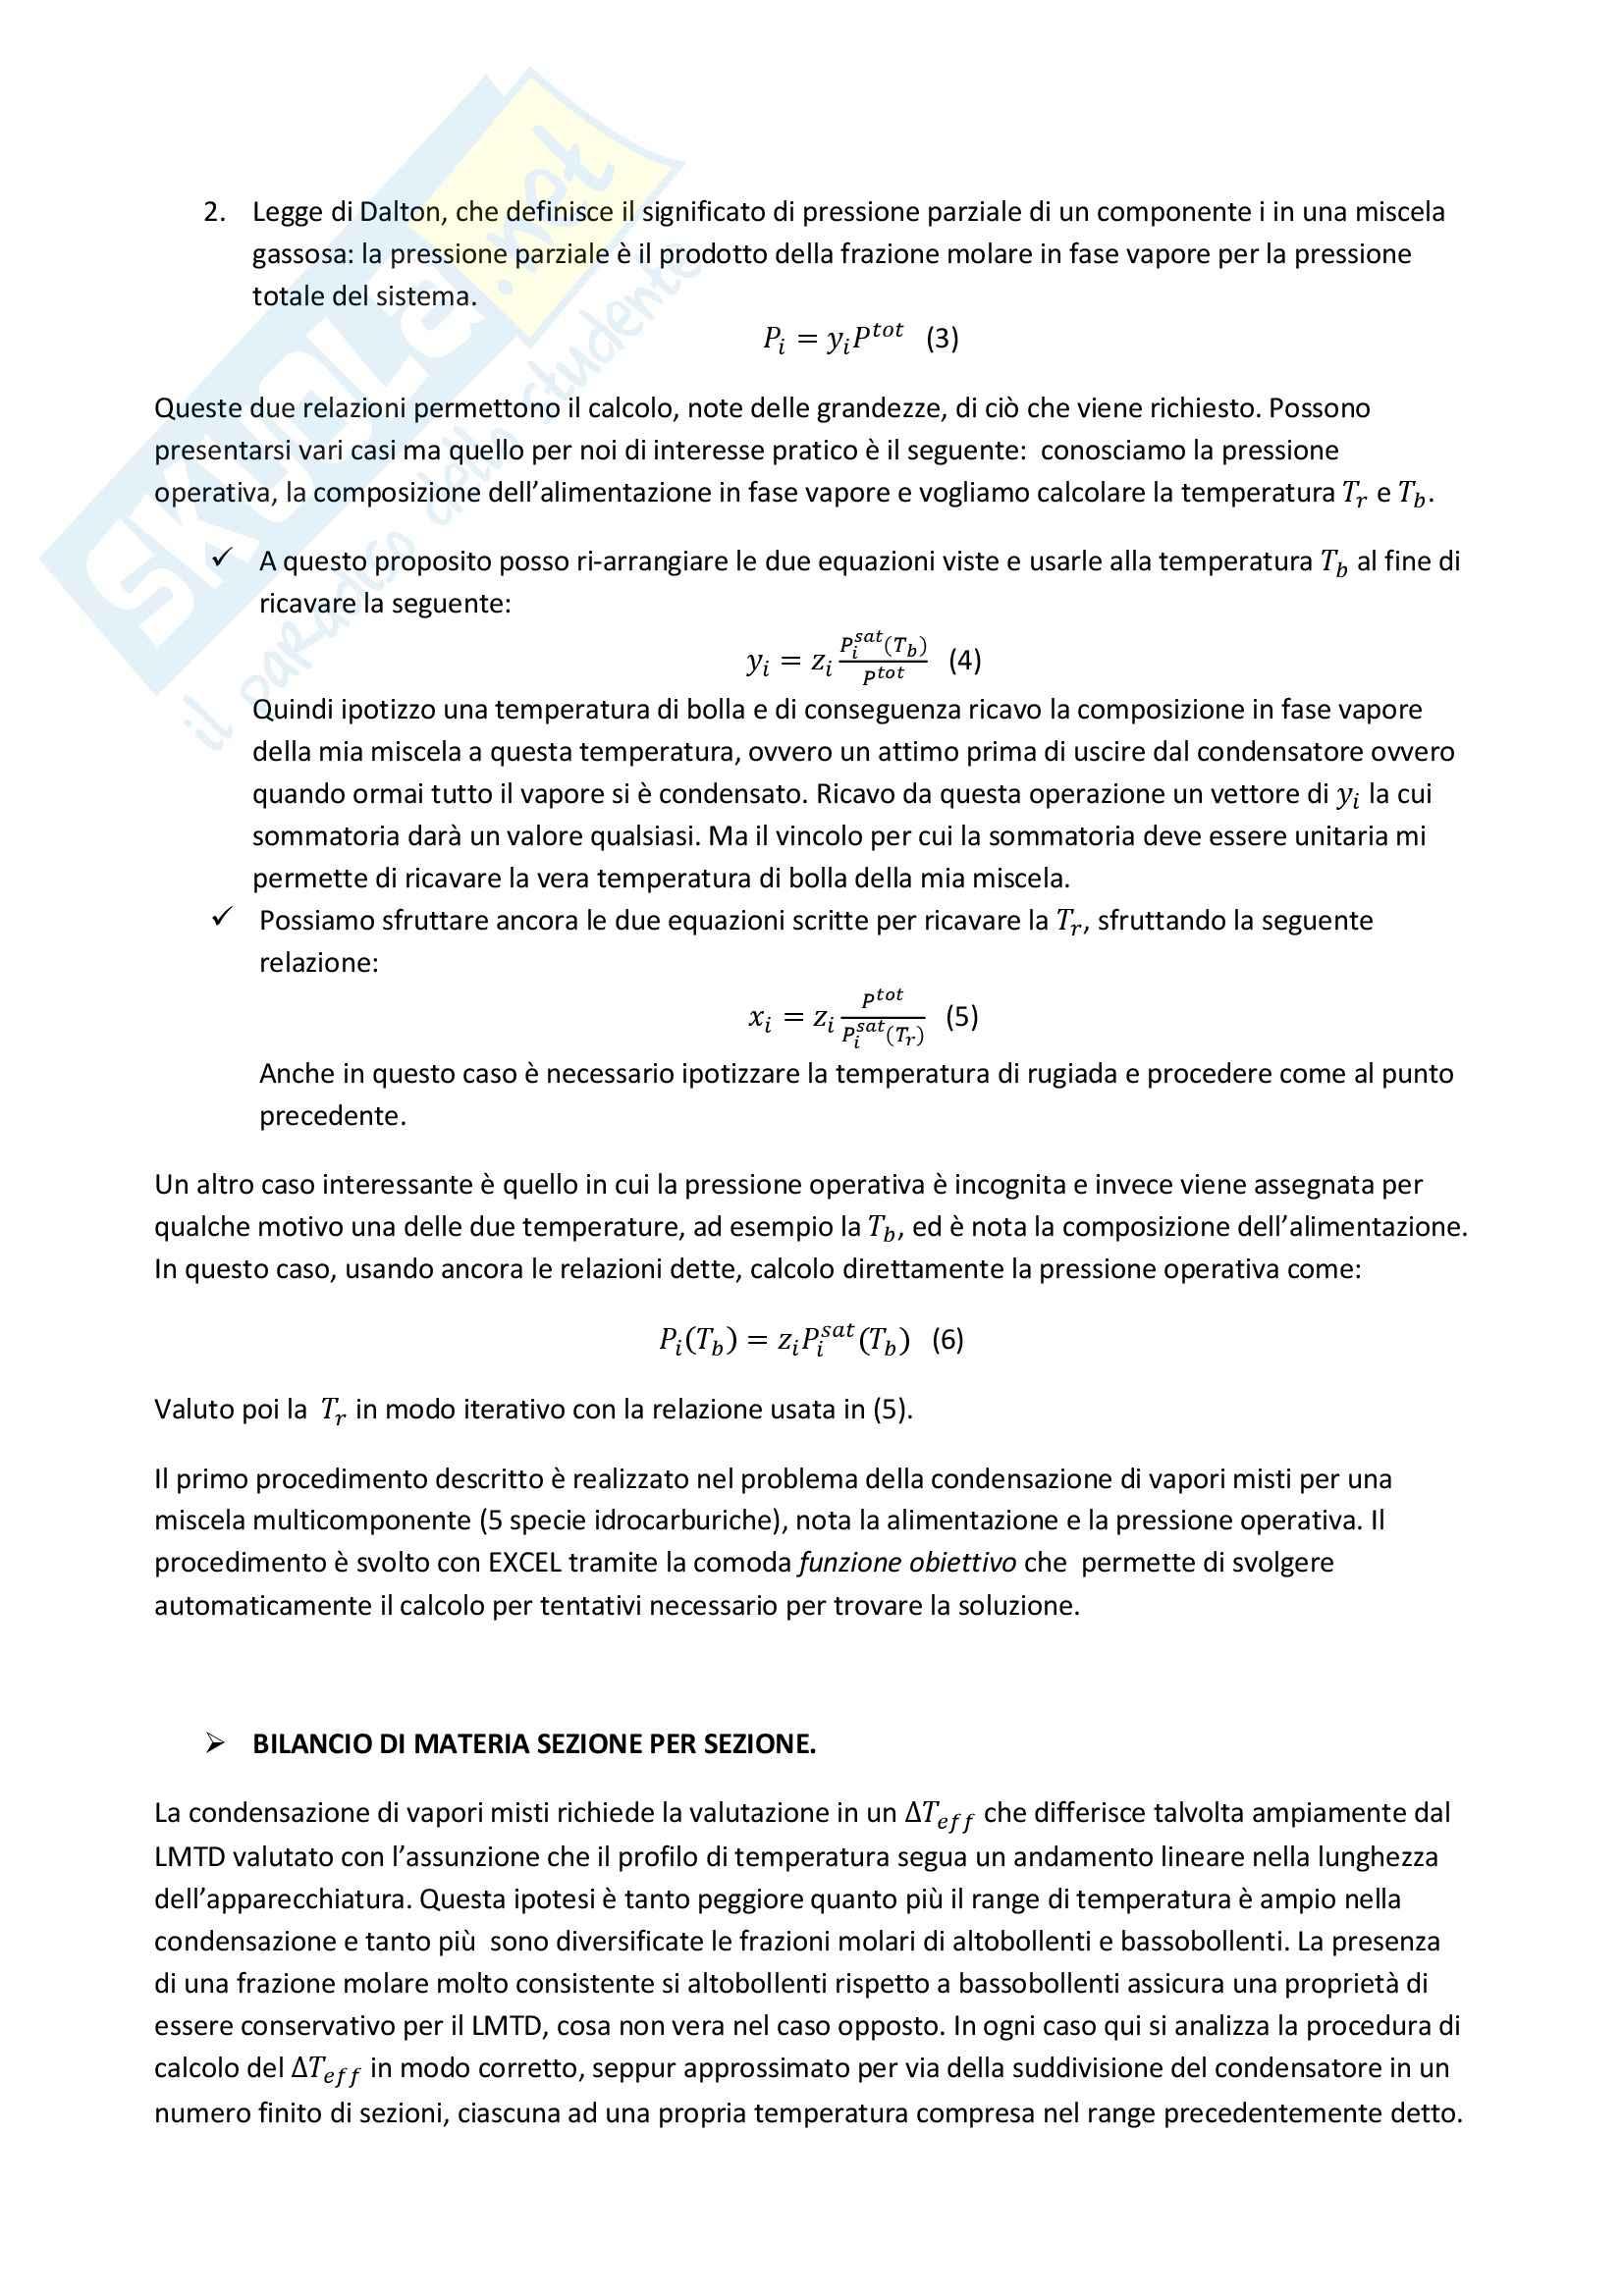 Condensatore di vapori misti, Operazioni unitarie Pag. 2